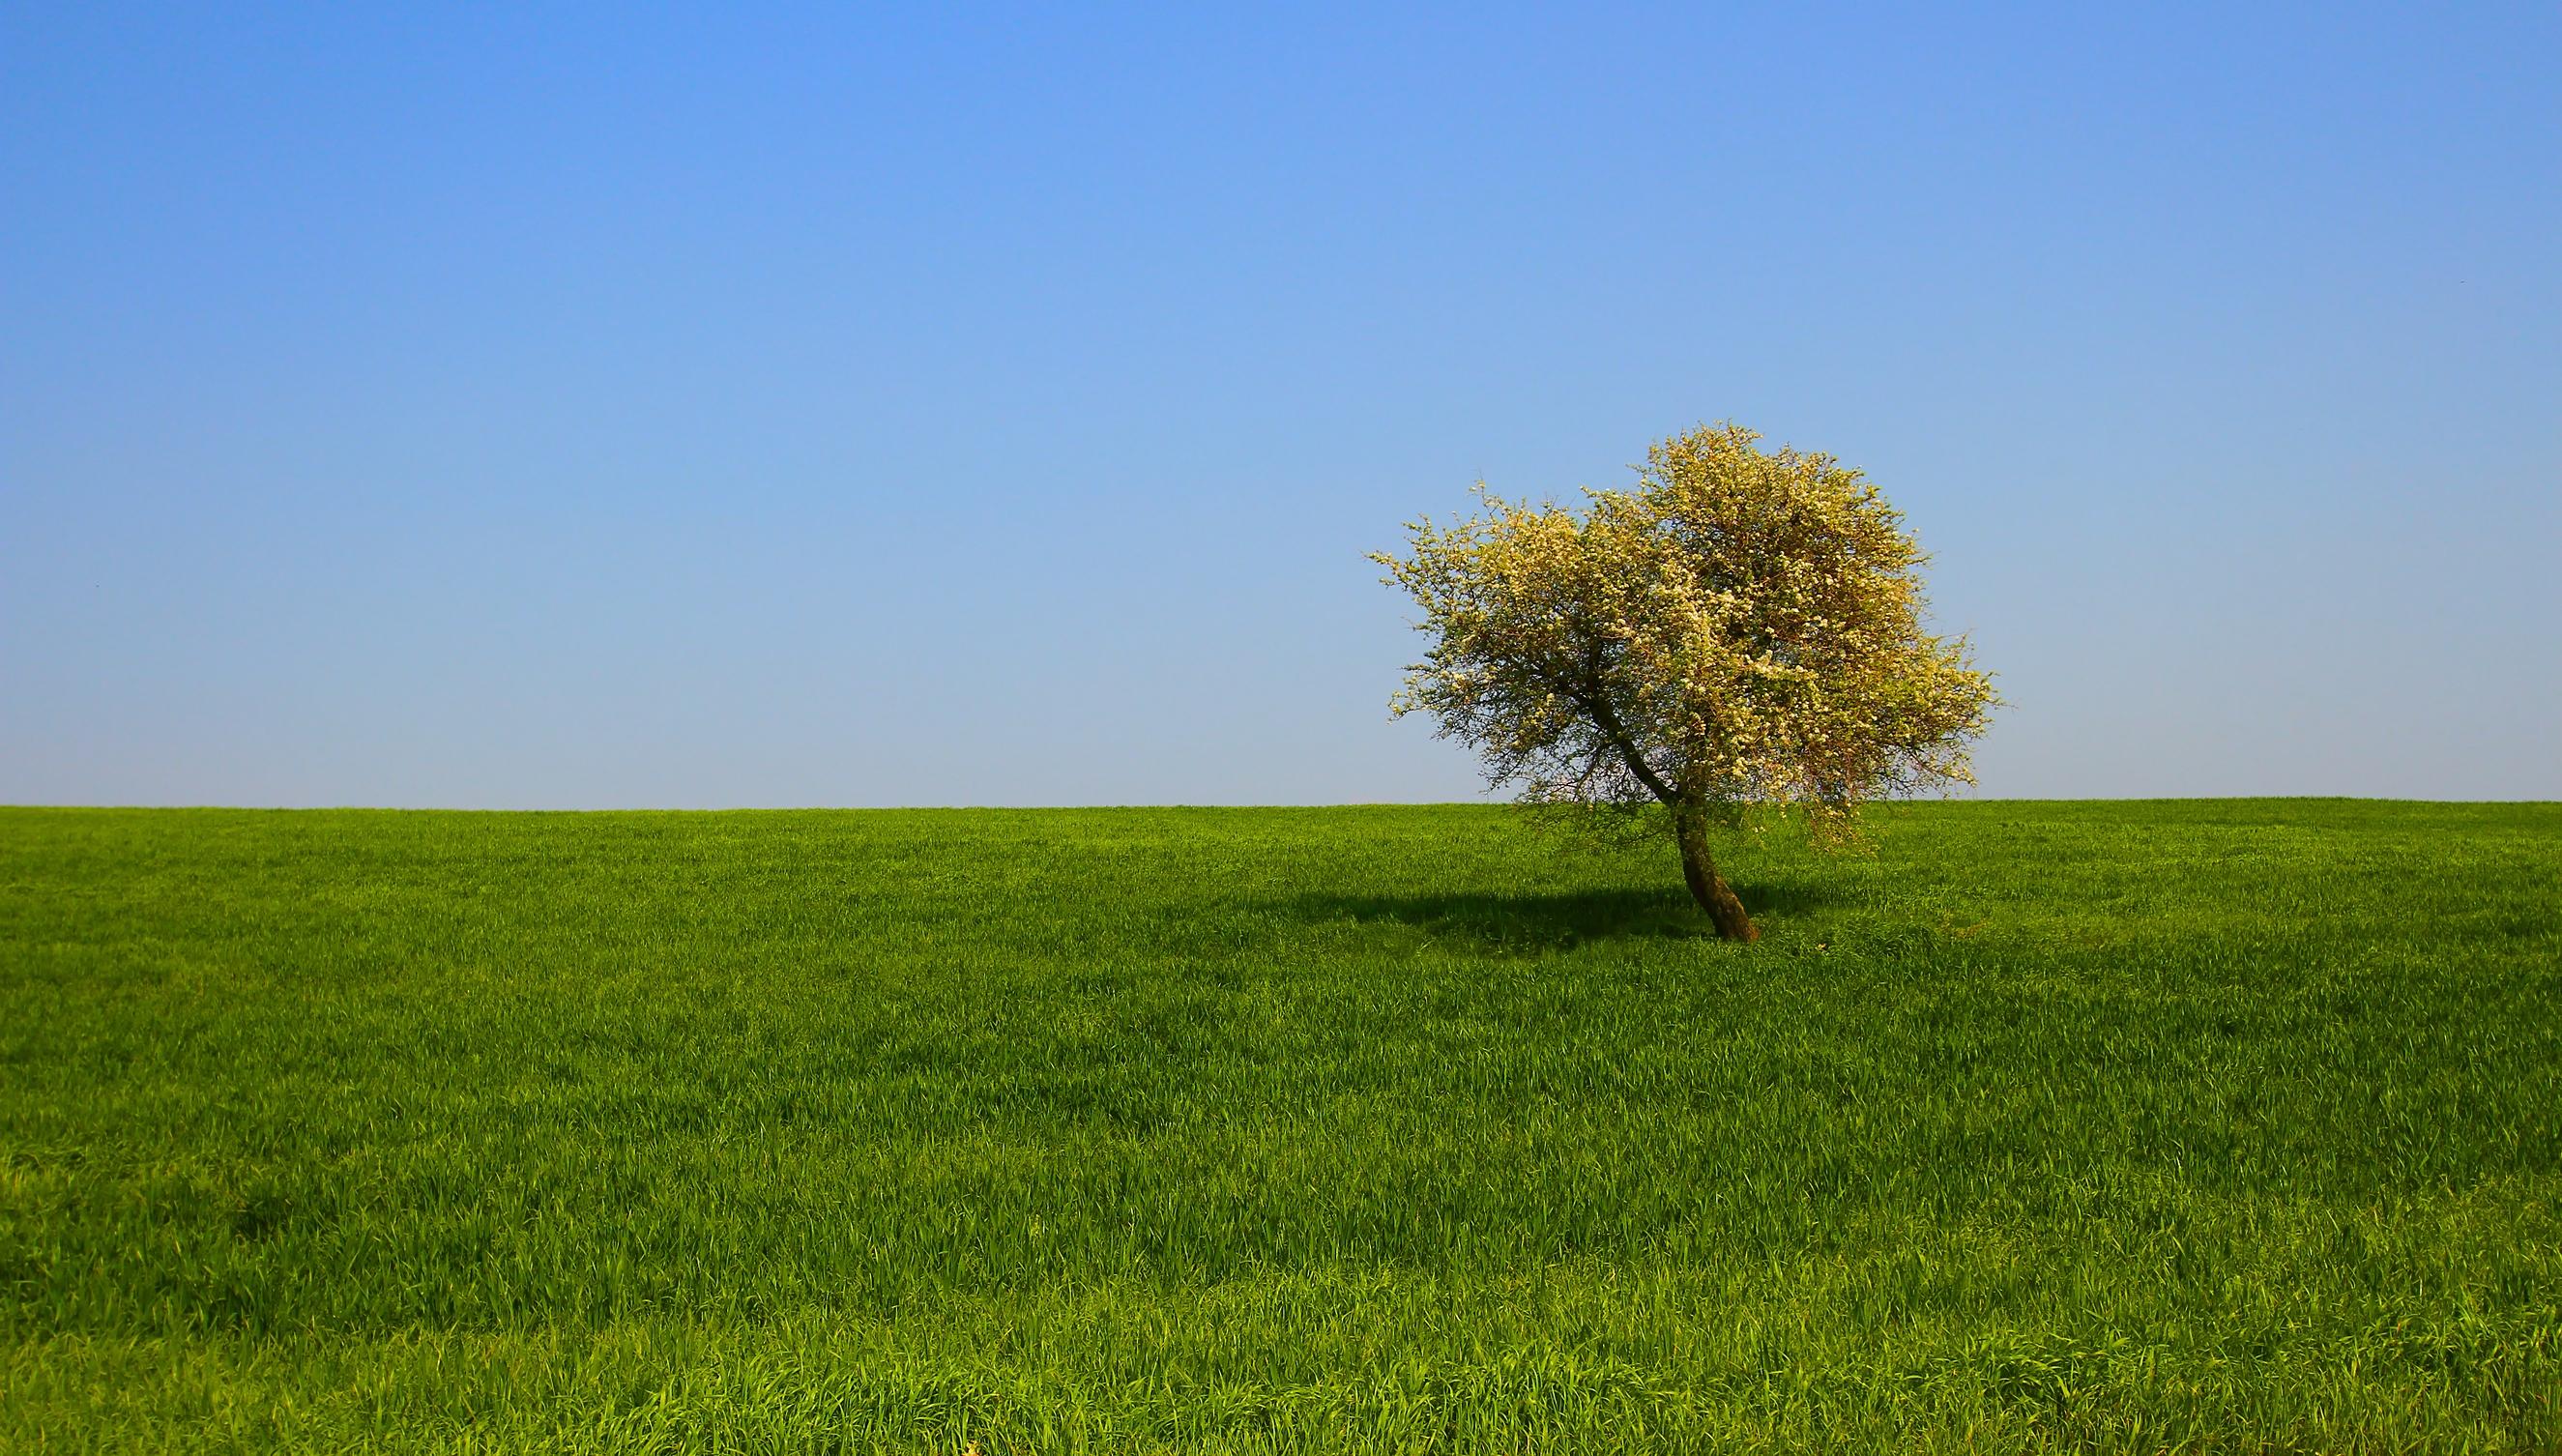 блондинка дерево поле blonde tree field  № 1377173 без смс